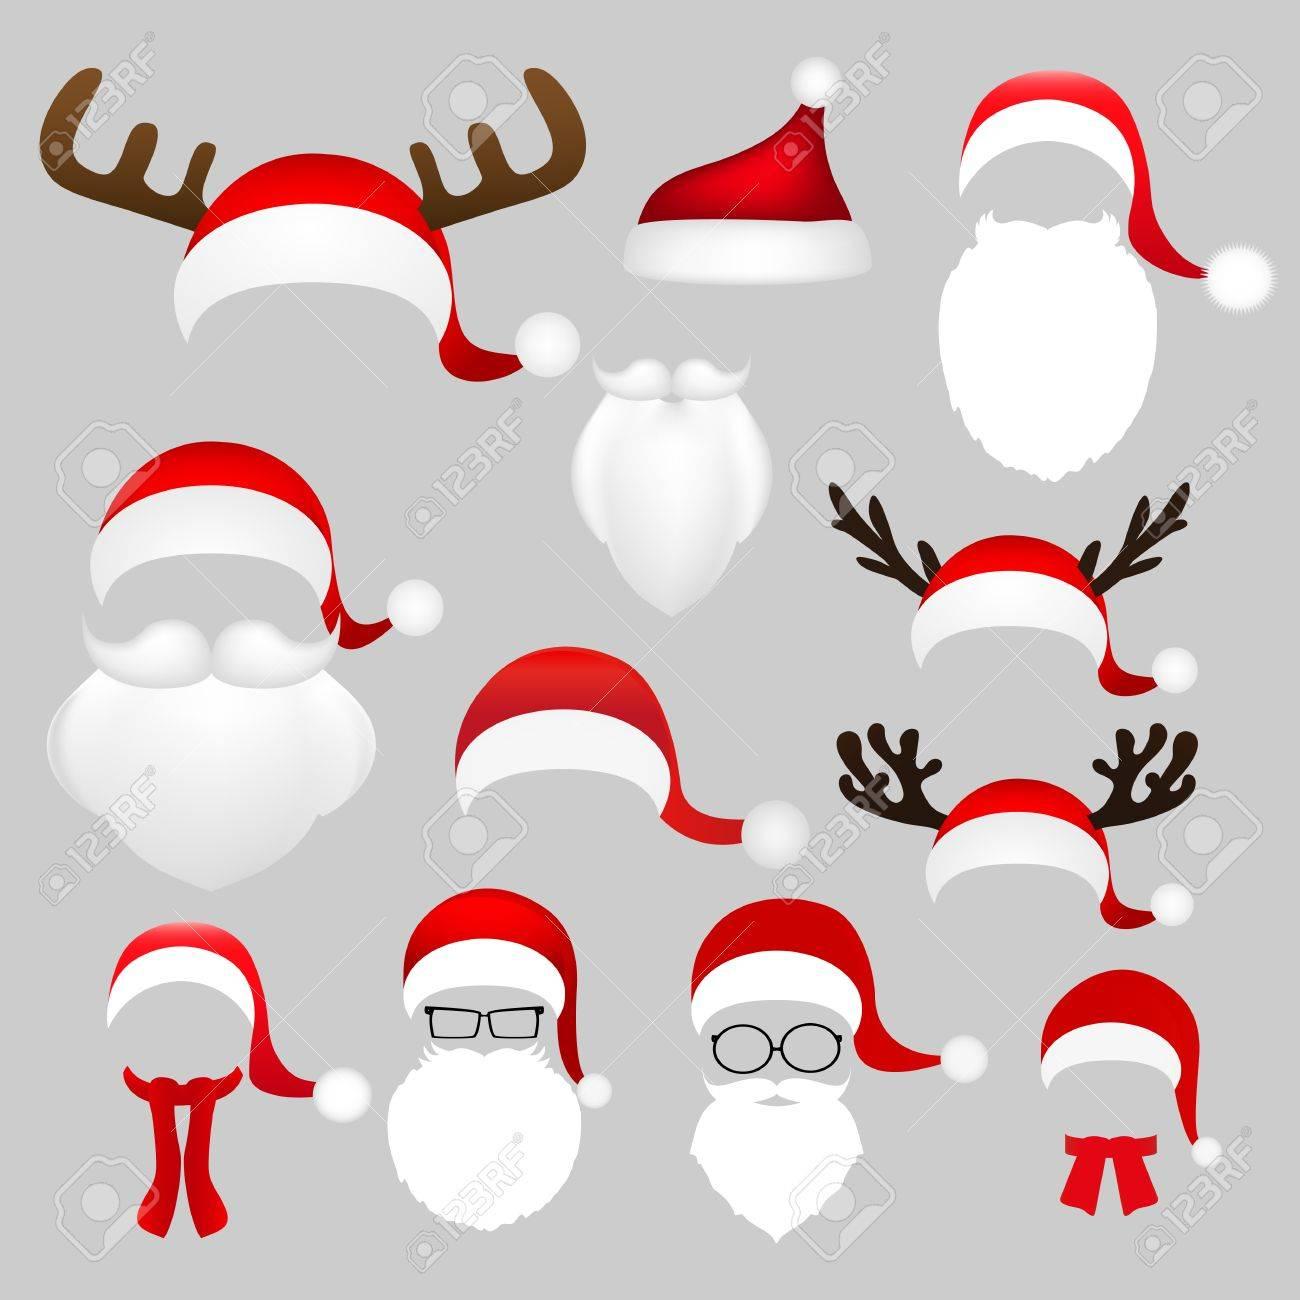 Ausmalbilder Zu Weihnachten Weihnachtsmann